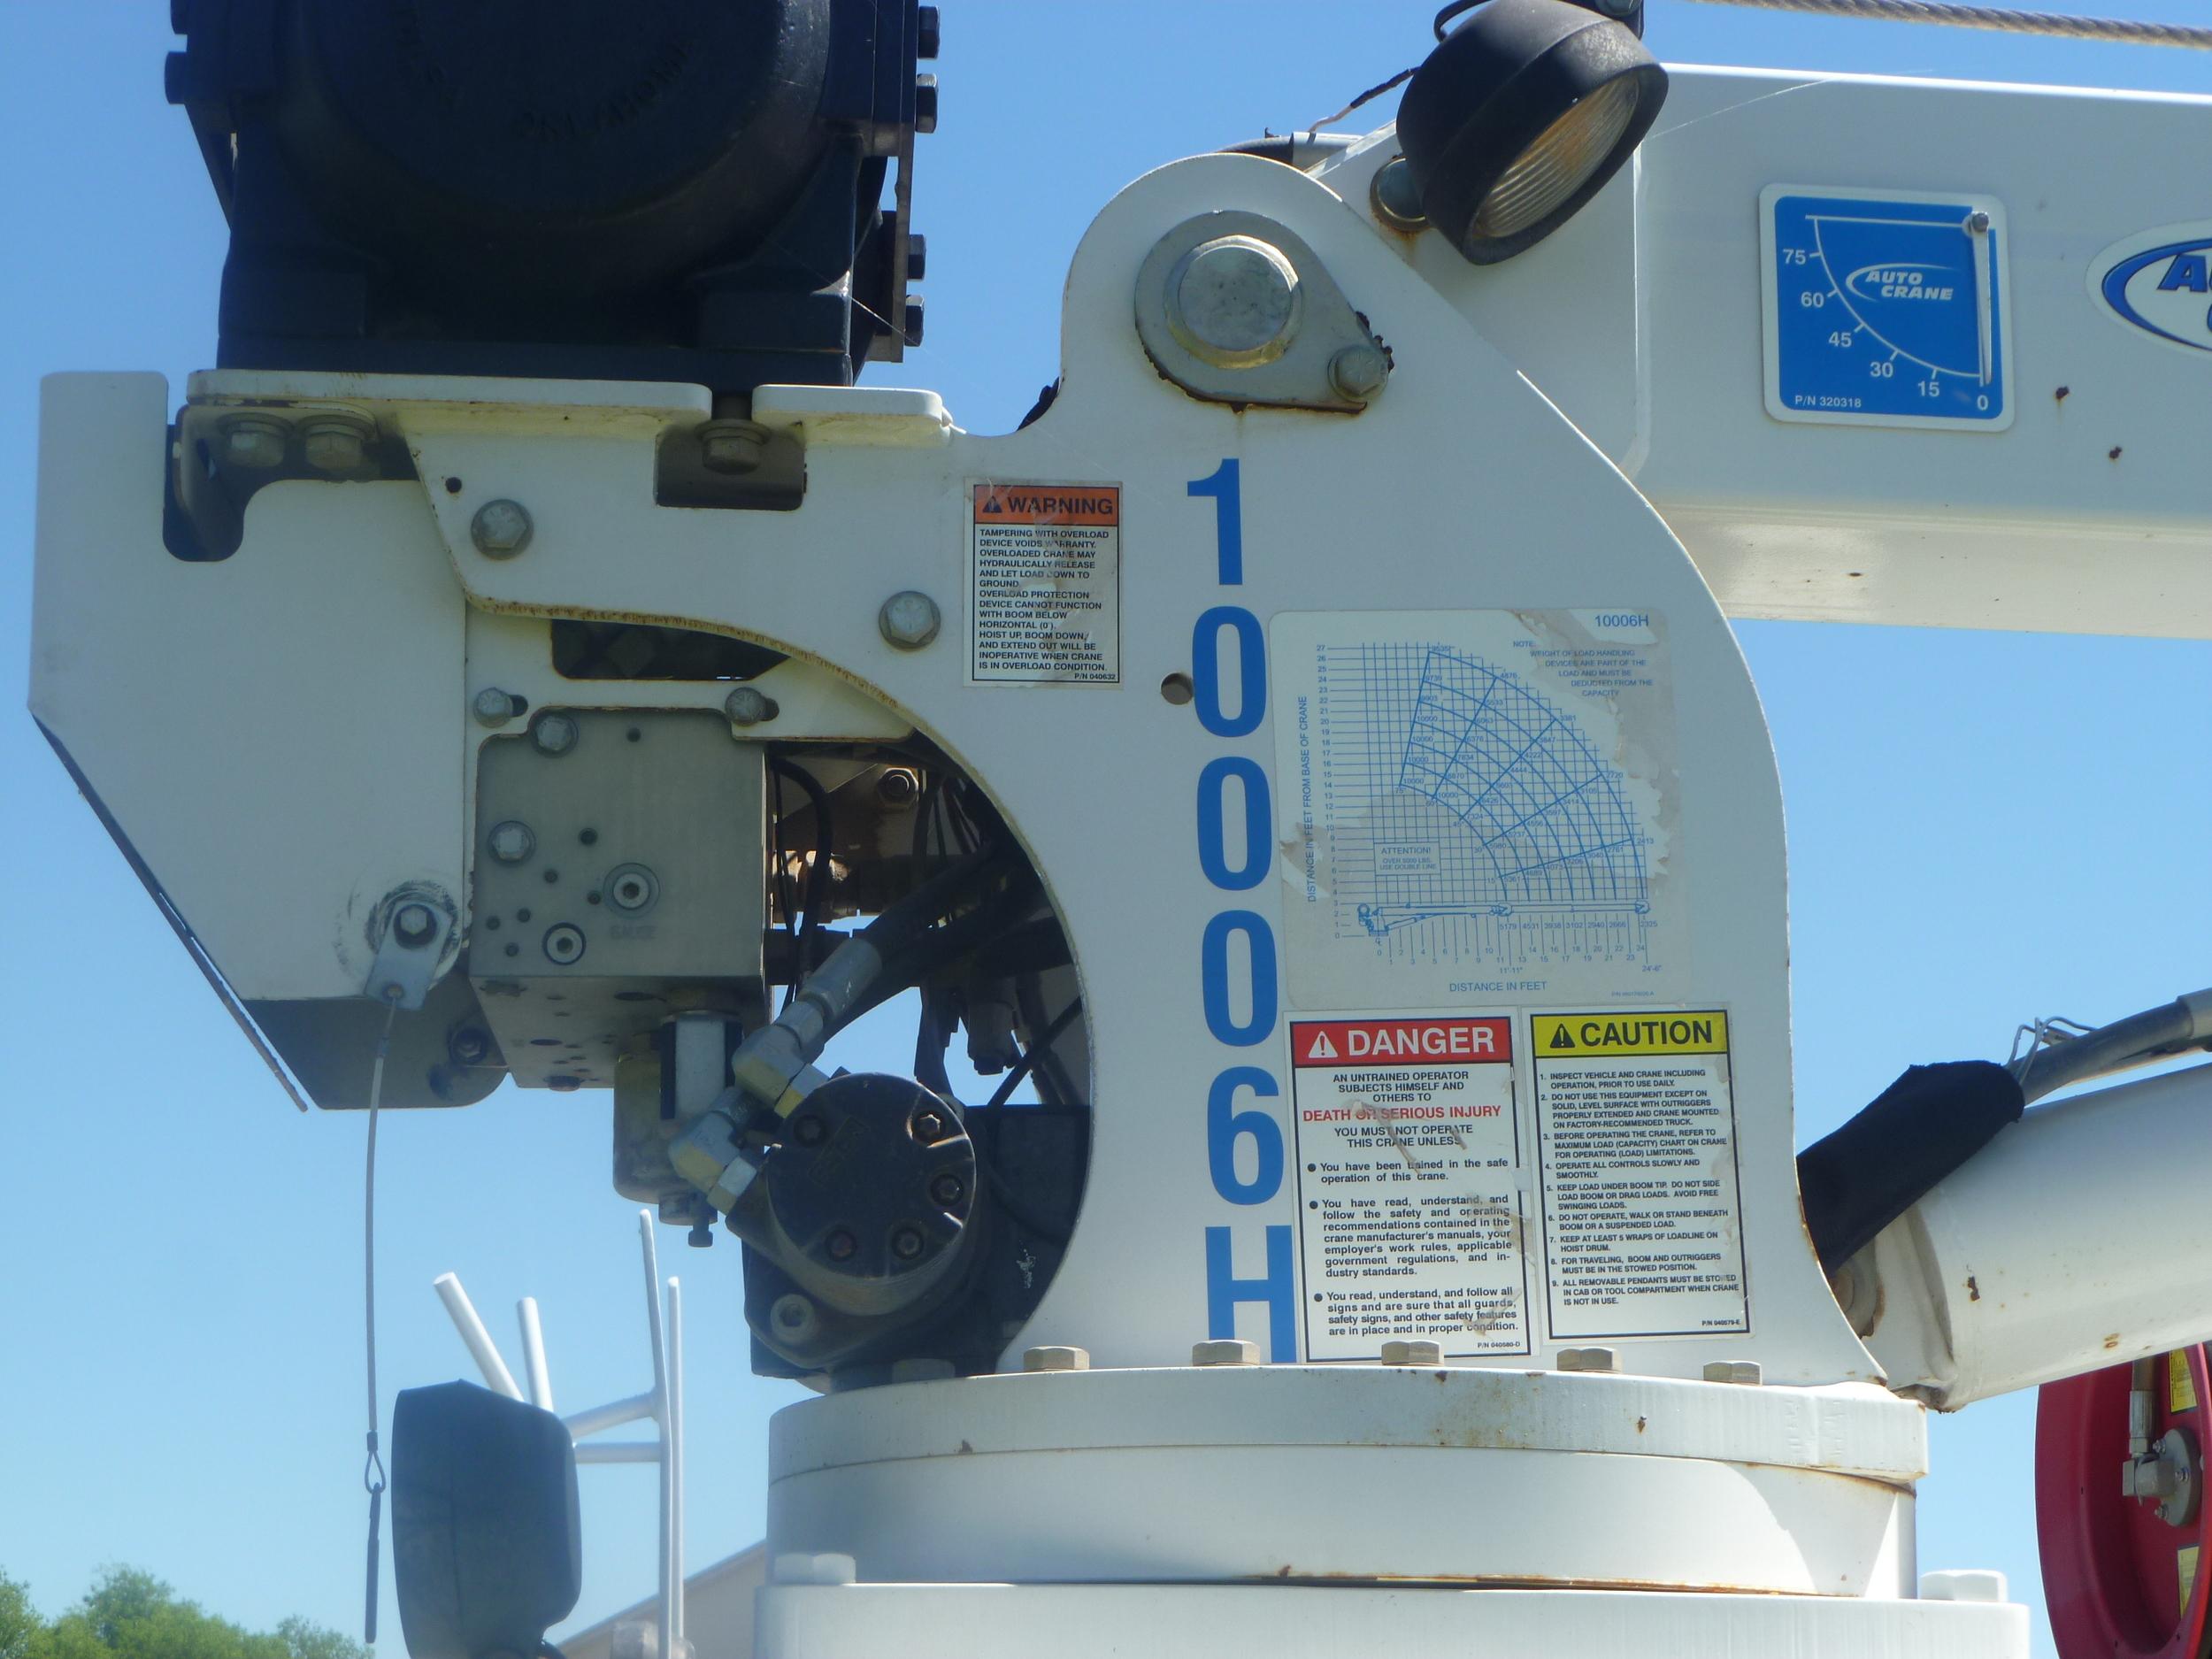 2009 Peterbilt service truck_16.JPG